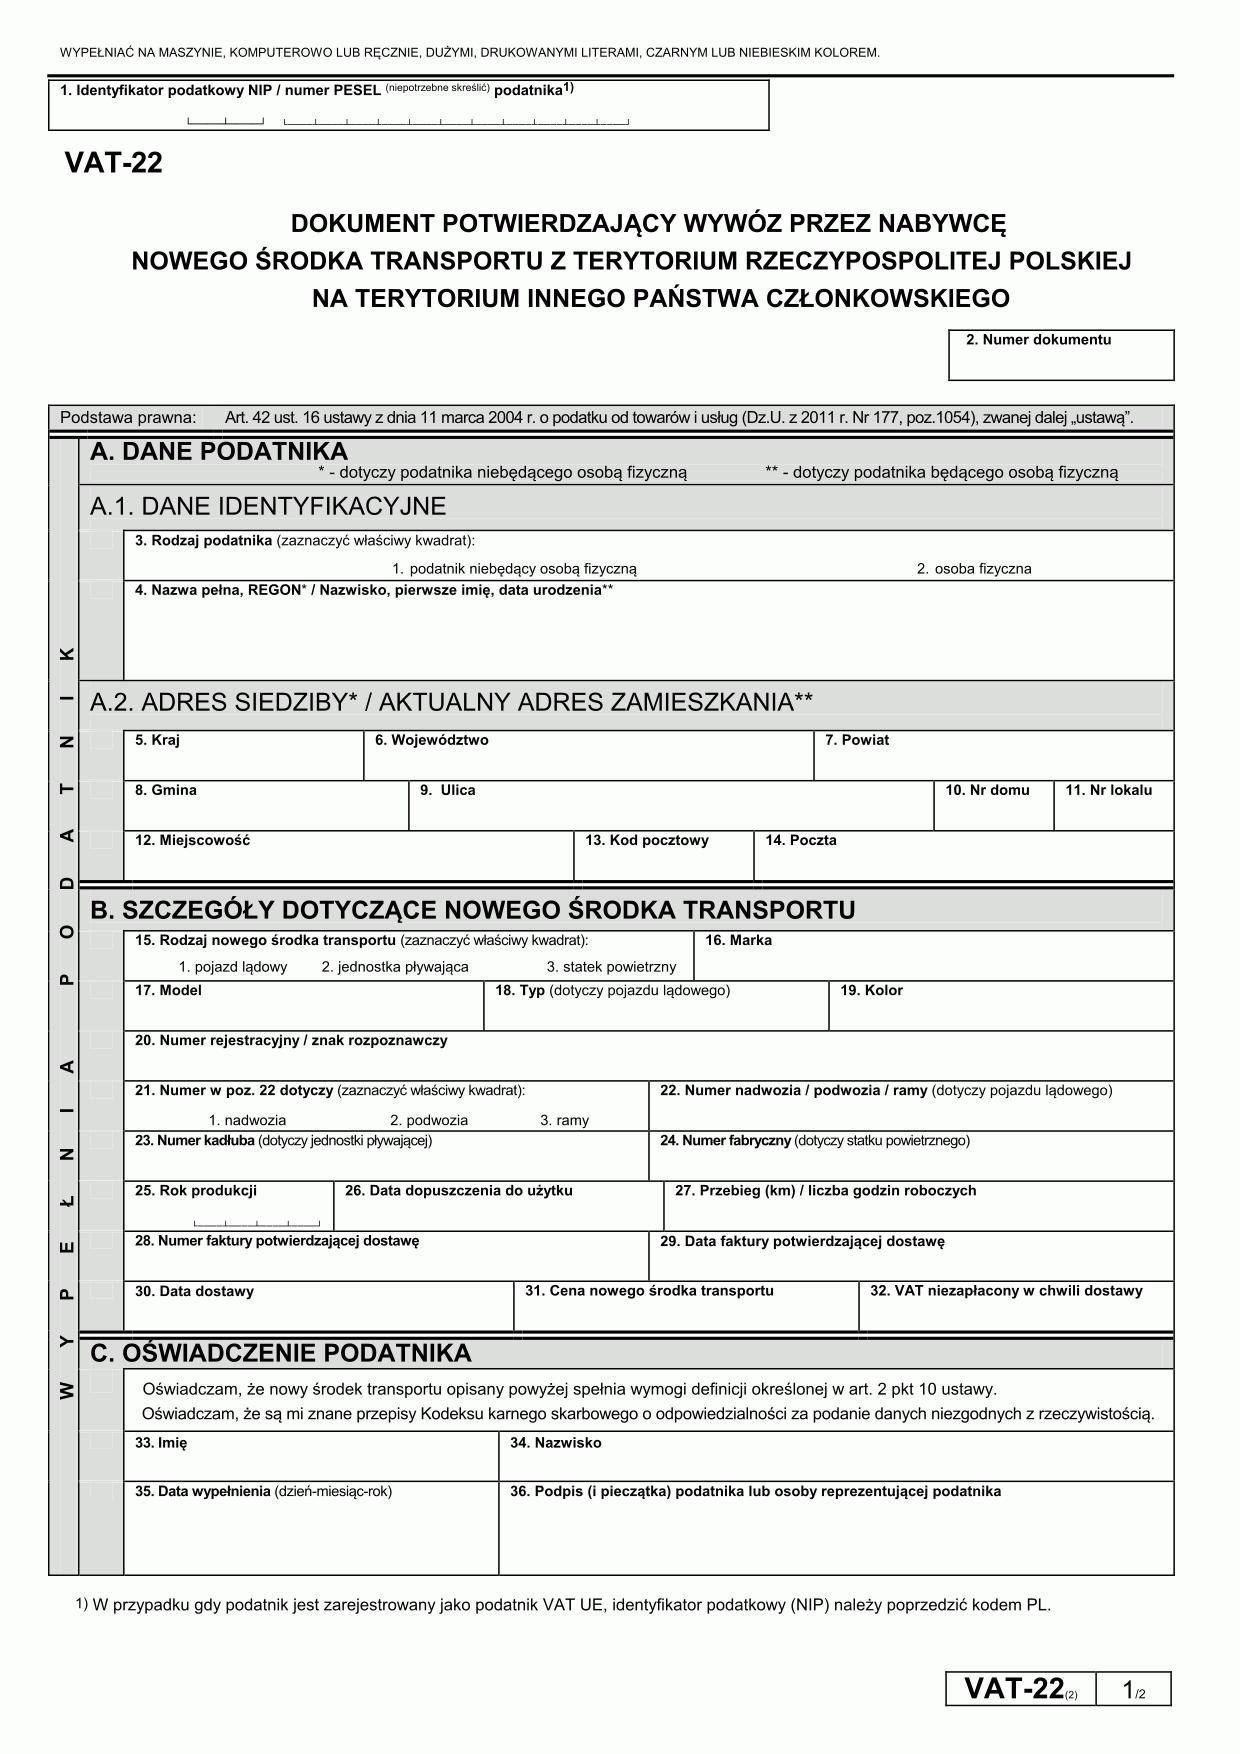 VAT-22 (2) Dokument potwierdzający wywóz przez nabywcę nowego środka transportu z terytorium Rzeczypospolitej Polskiej na terytorium innego państwa członkowskiego